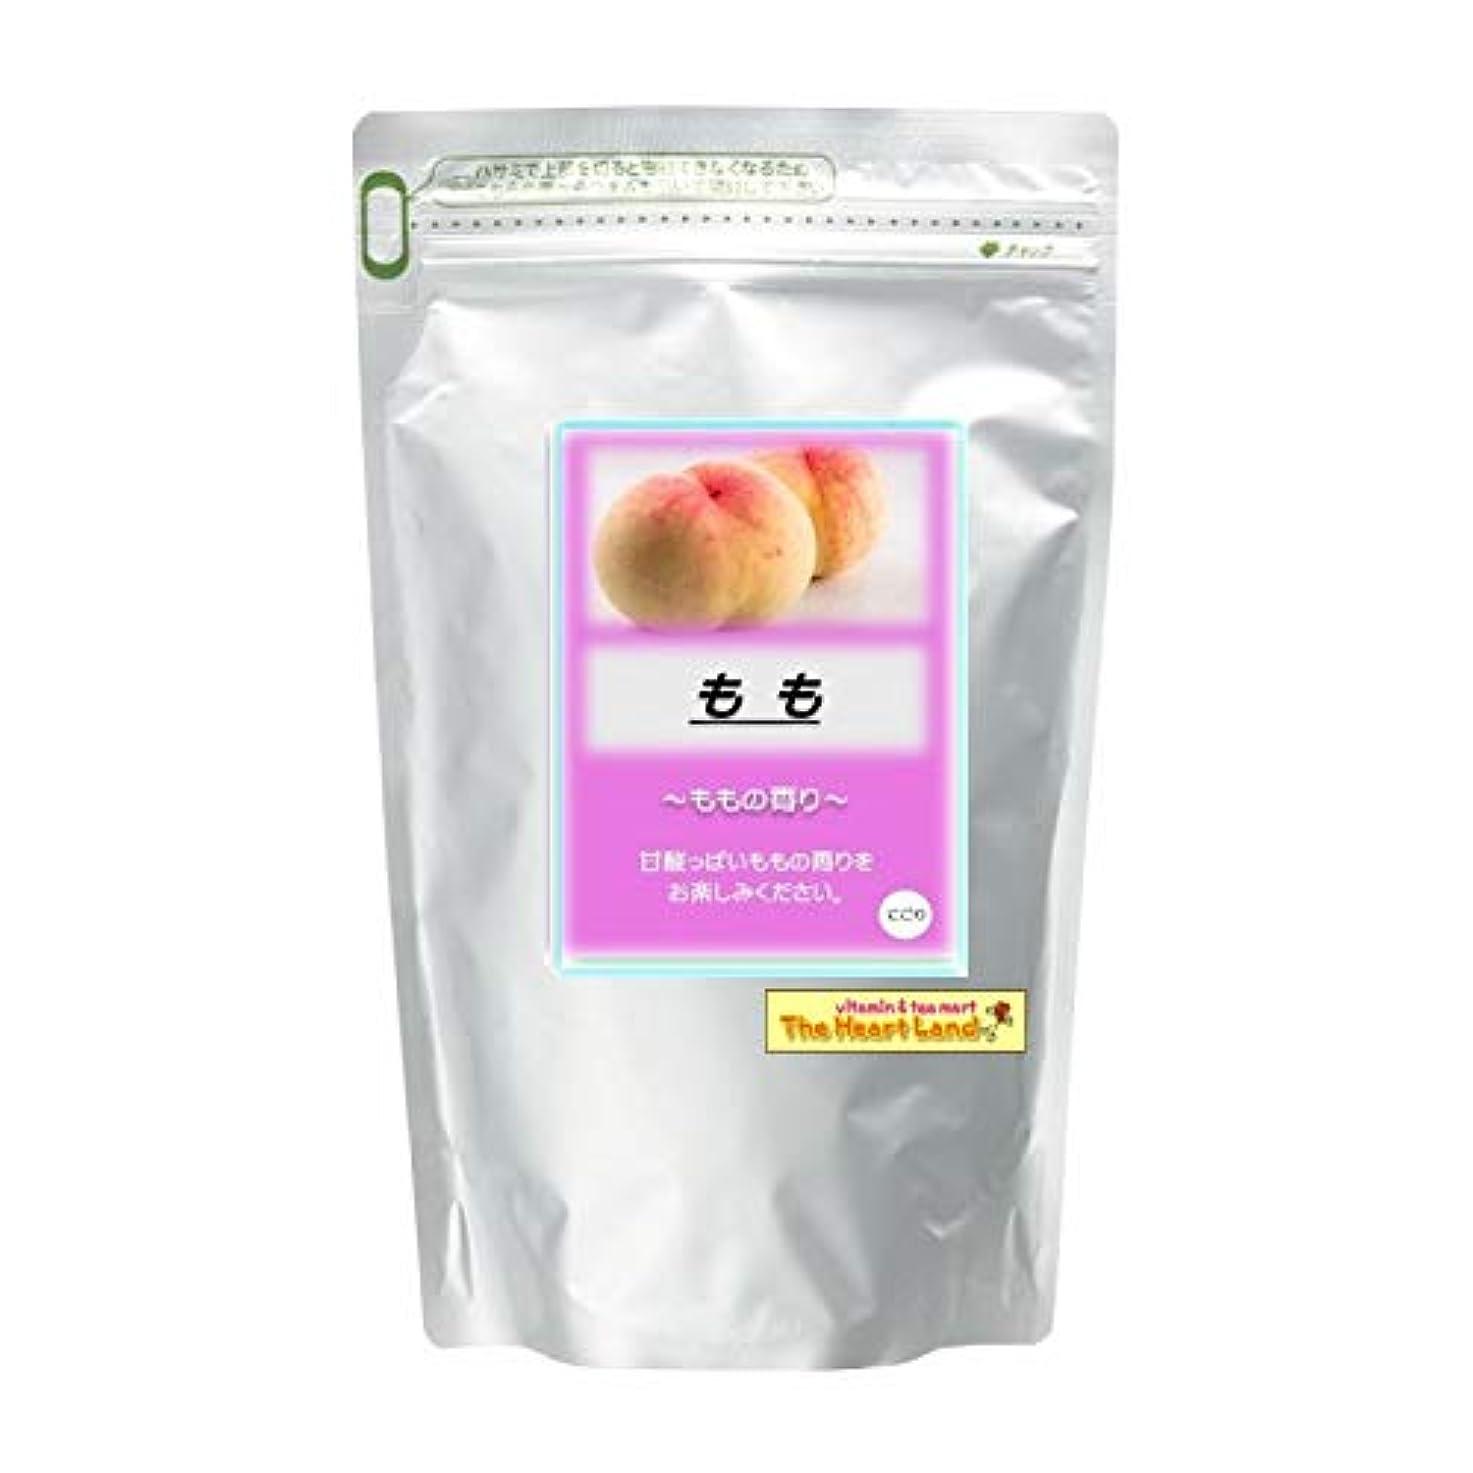 可塑性パトロンブロンズアサヒ入浴剤 浴用入浴化粧品 もも 300g